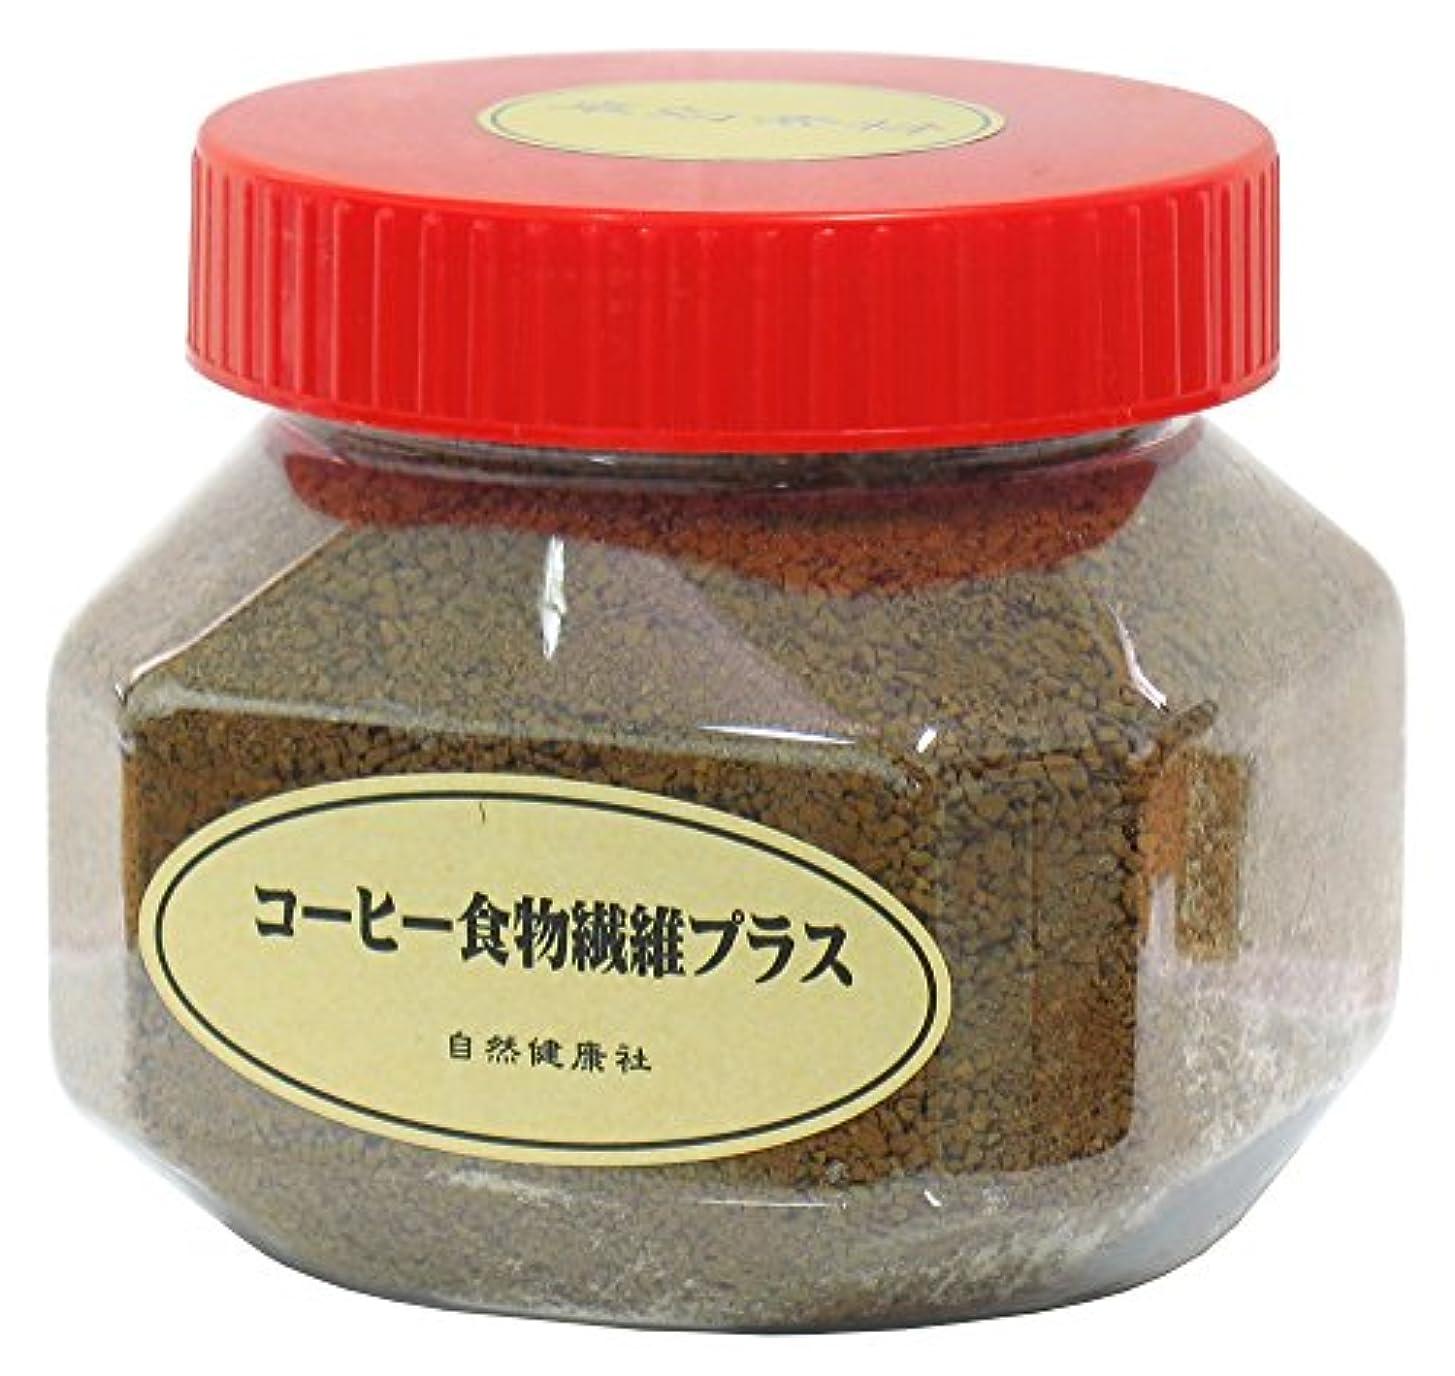 アストロラーベ専制荒らす自然健康社 コーヒー食物繊維プラス 250g 広口容器入り